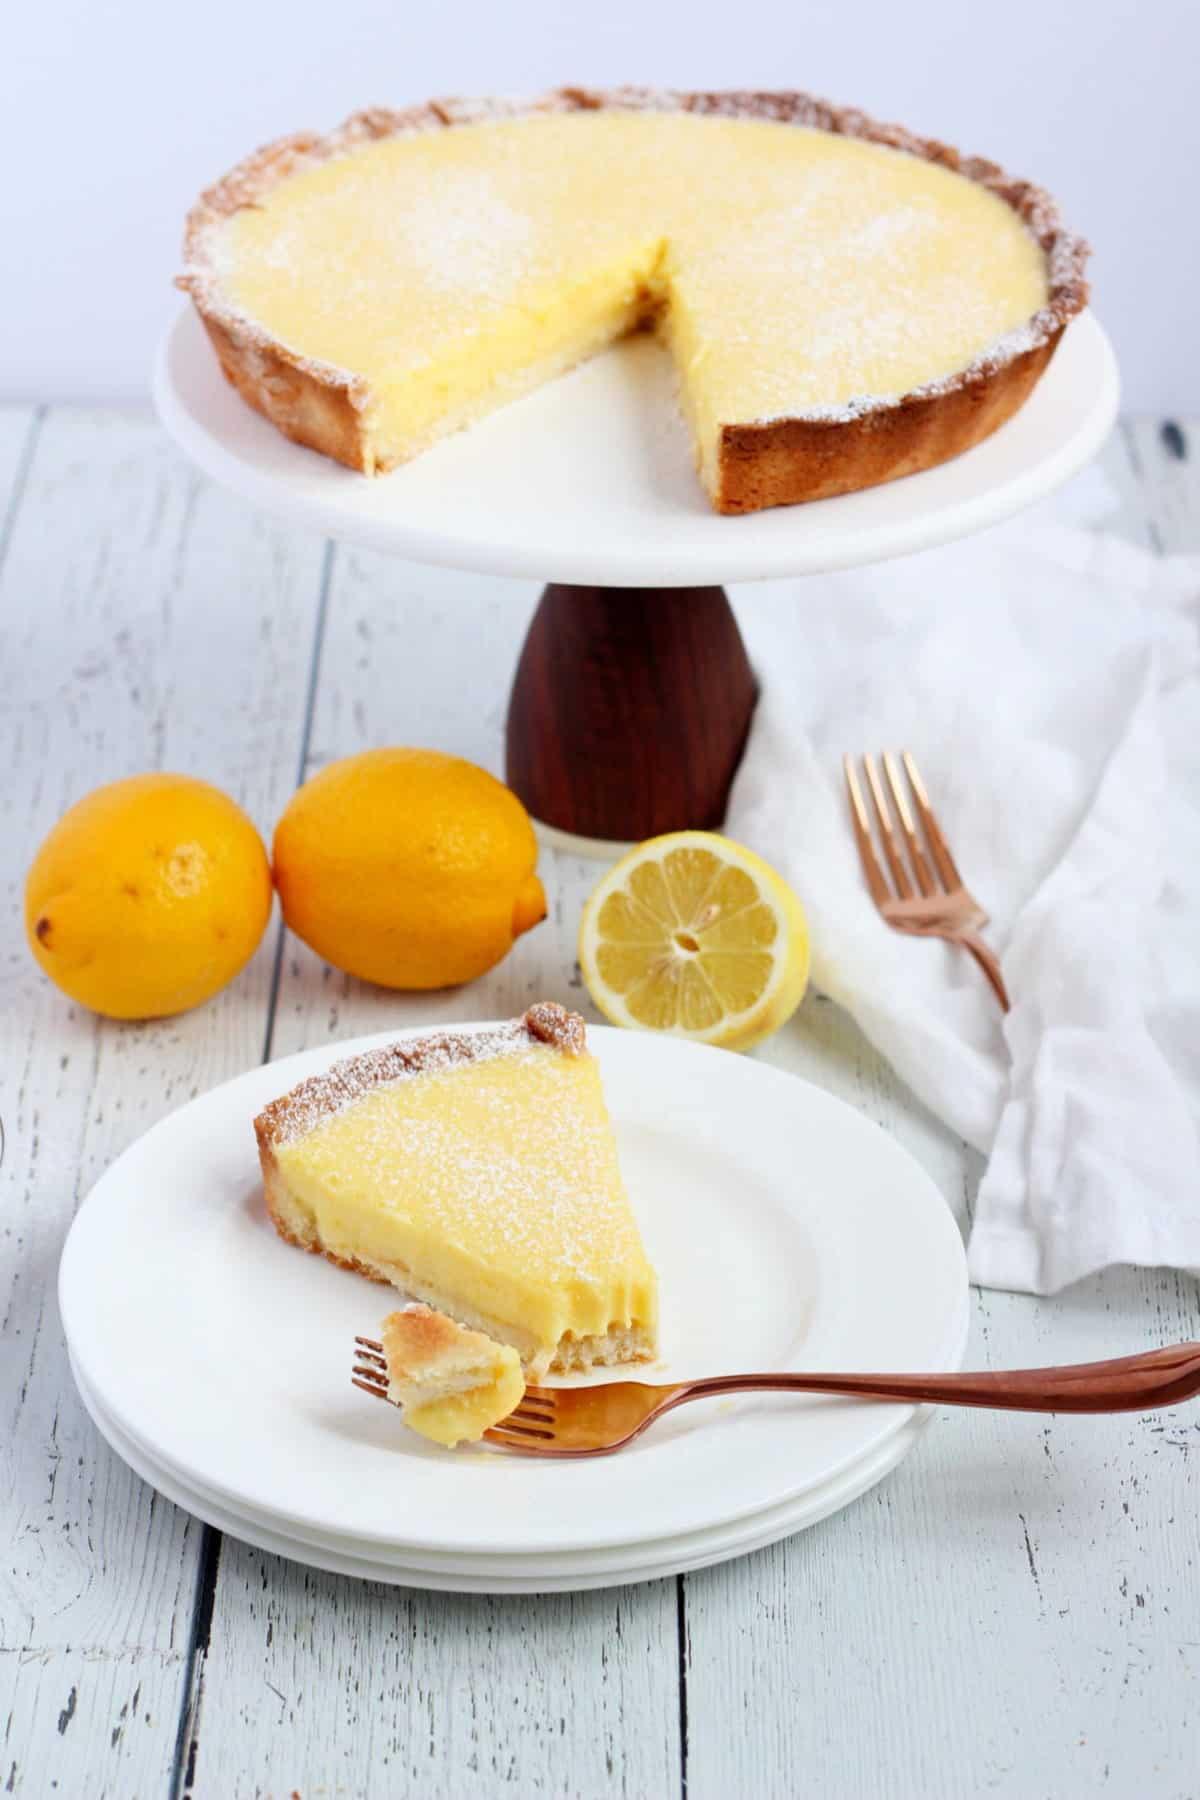 Lemon tart slice with fork and lemons